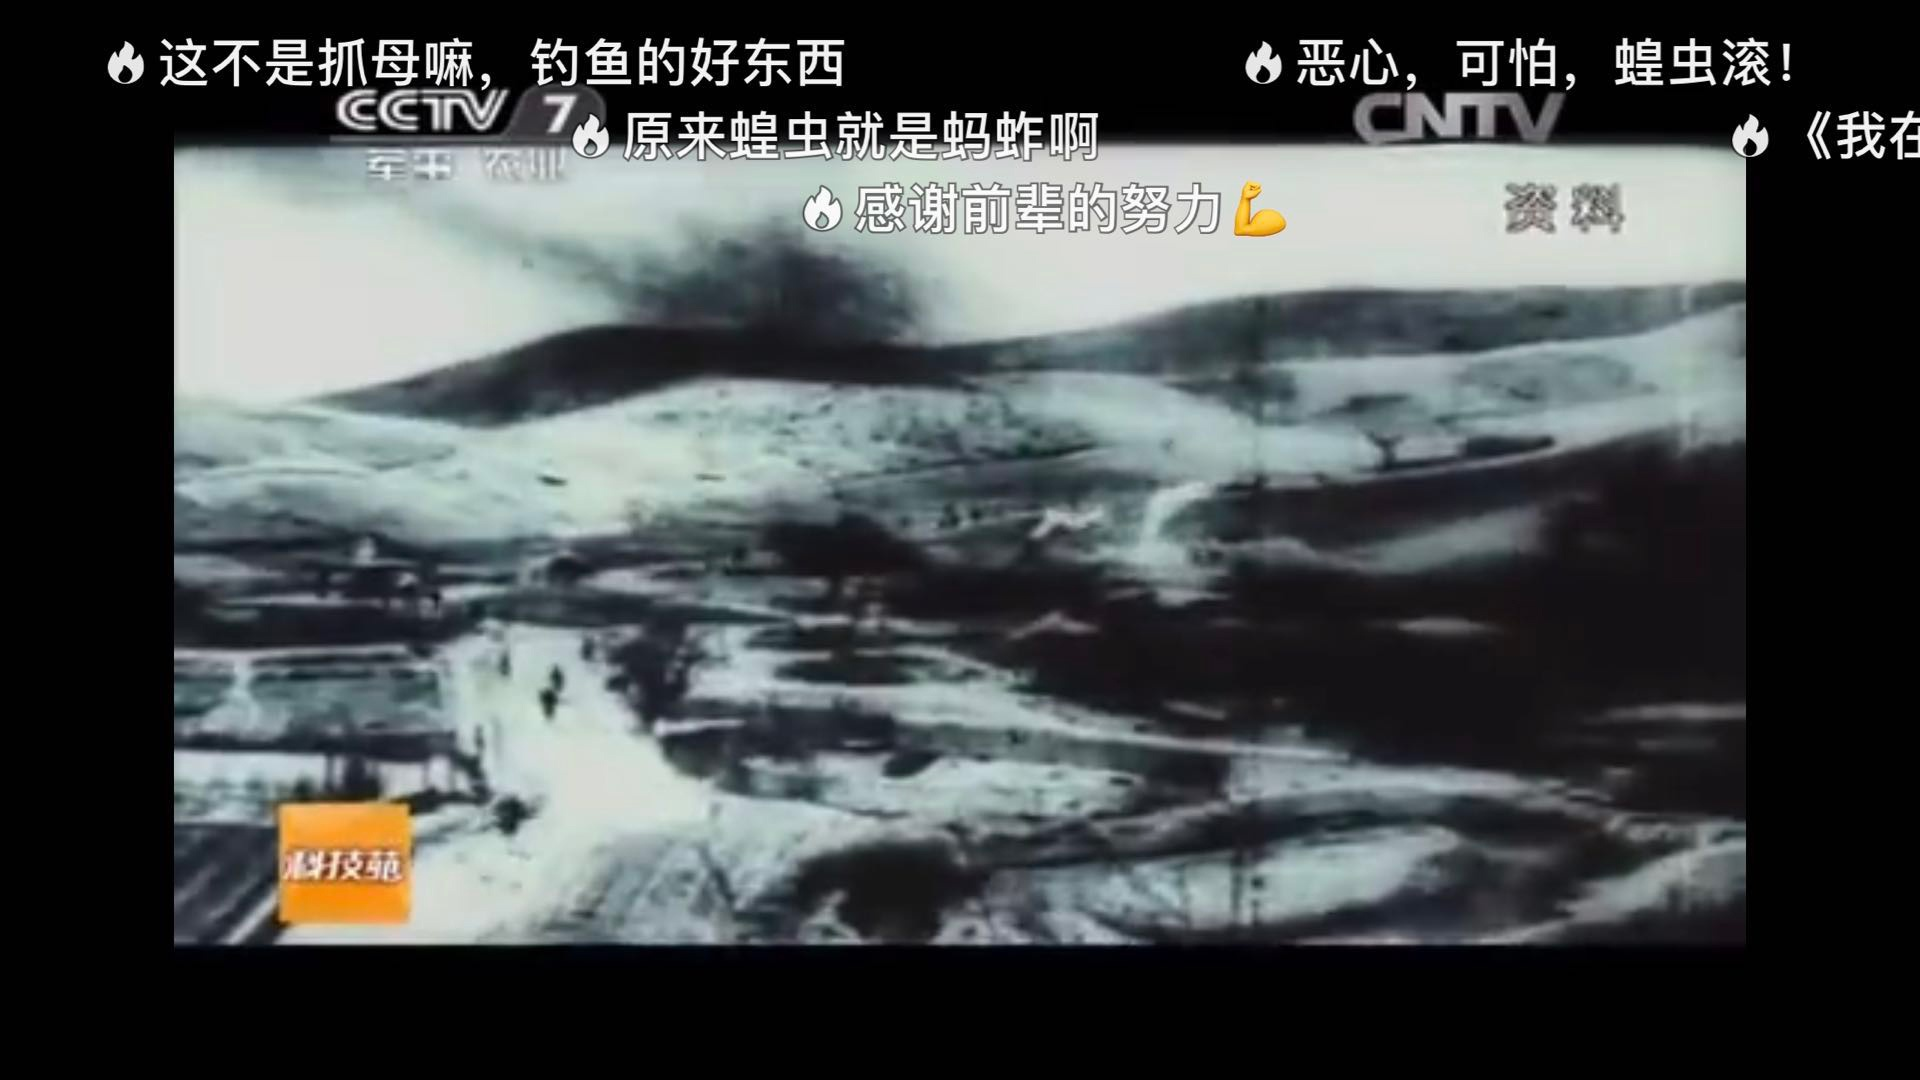 4000亿蝗虫肆虐印巴 19年前养鸡斗蝗的纪录片火了